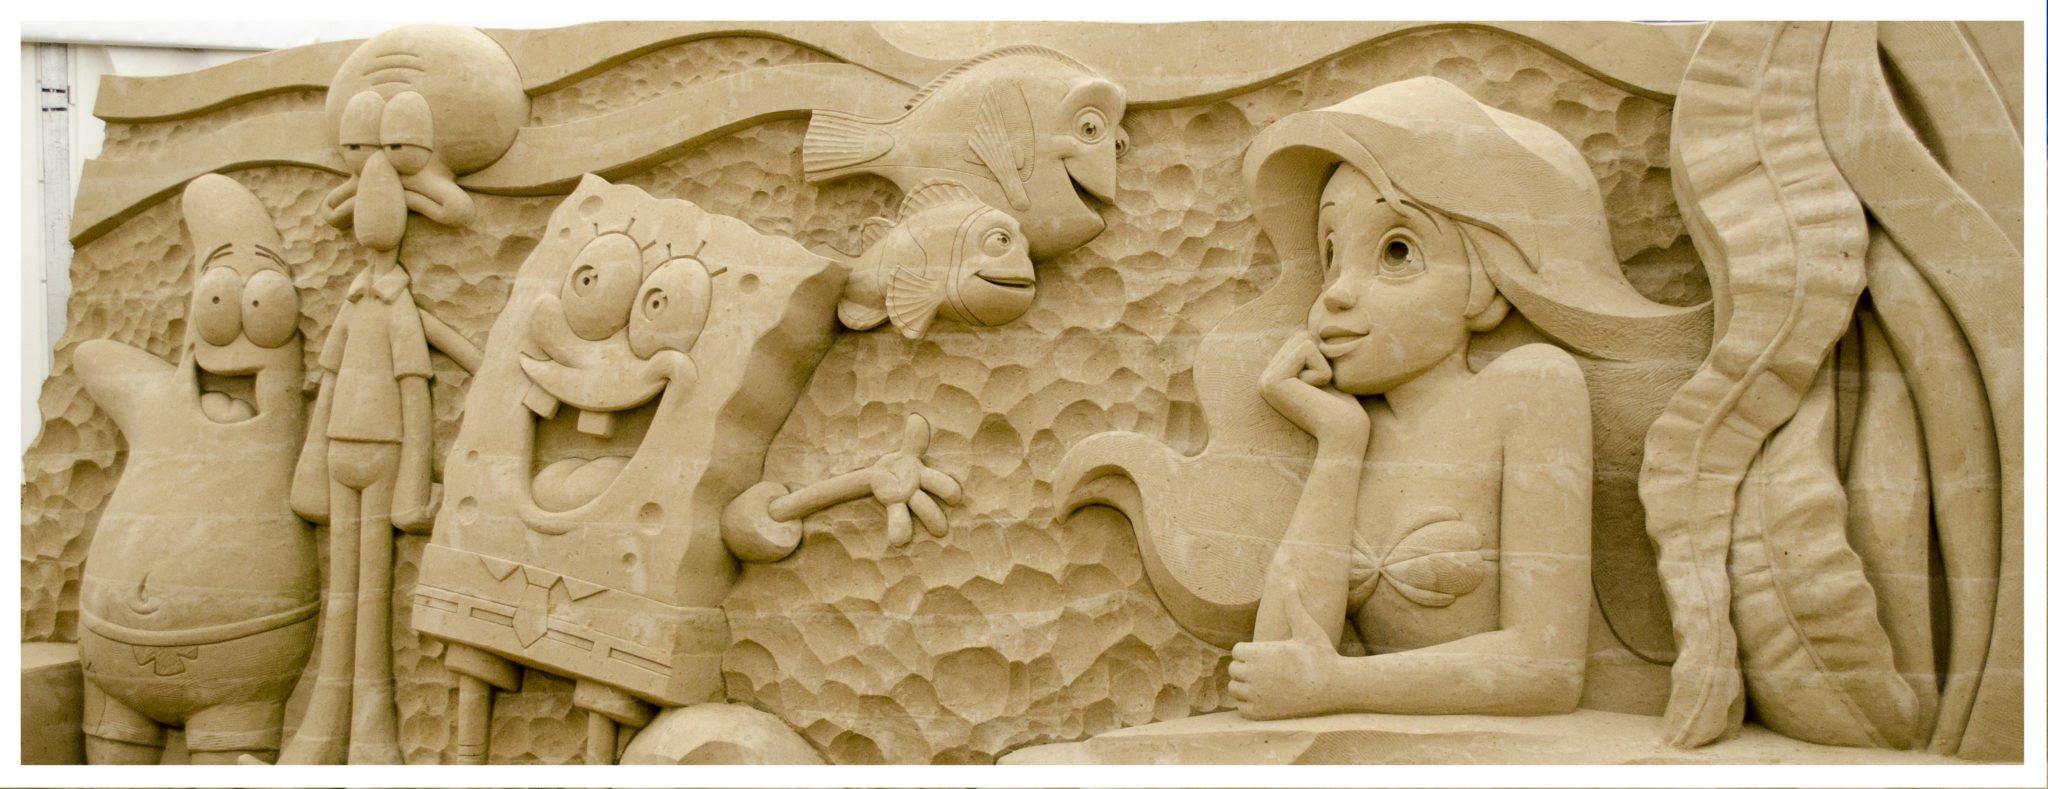 Sponge Bob Schwammkopf - Findet Nemo - Arielle die Meerjungfrau - Sandskulpturen Usedom 2017 Seebad Ahlbeck